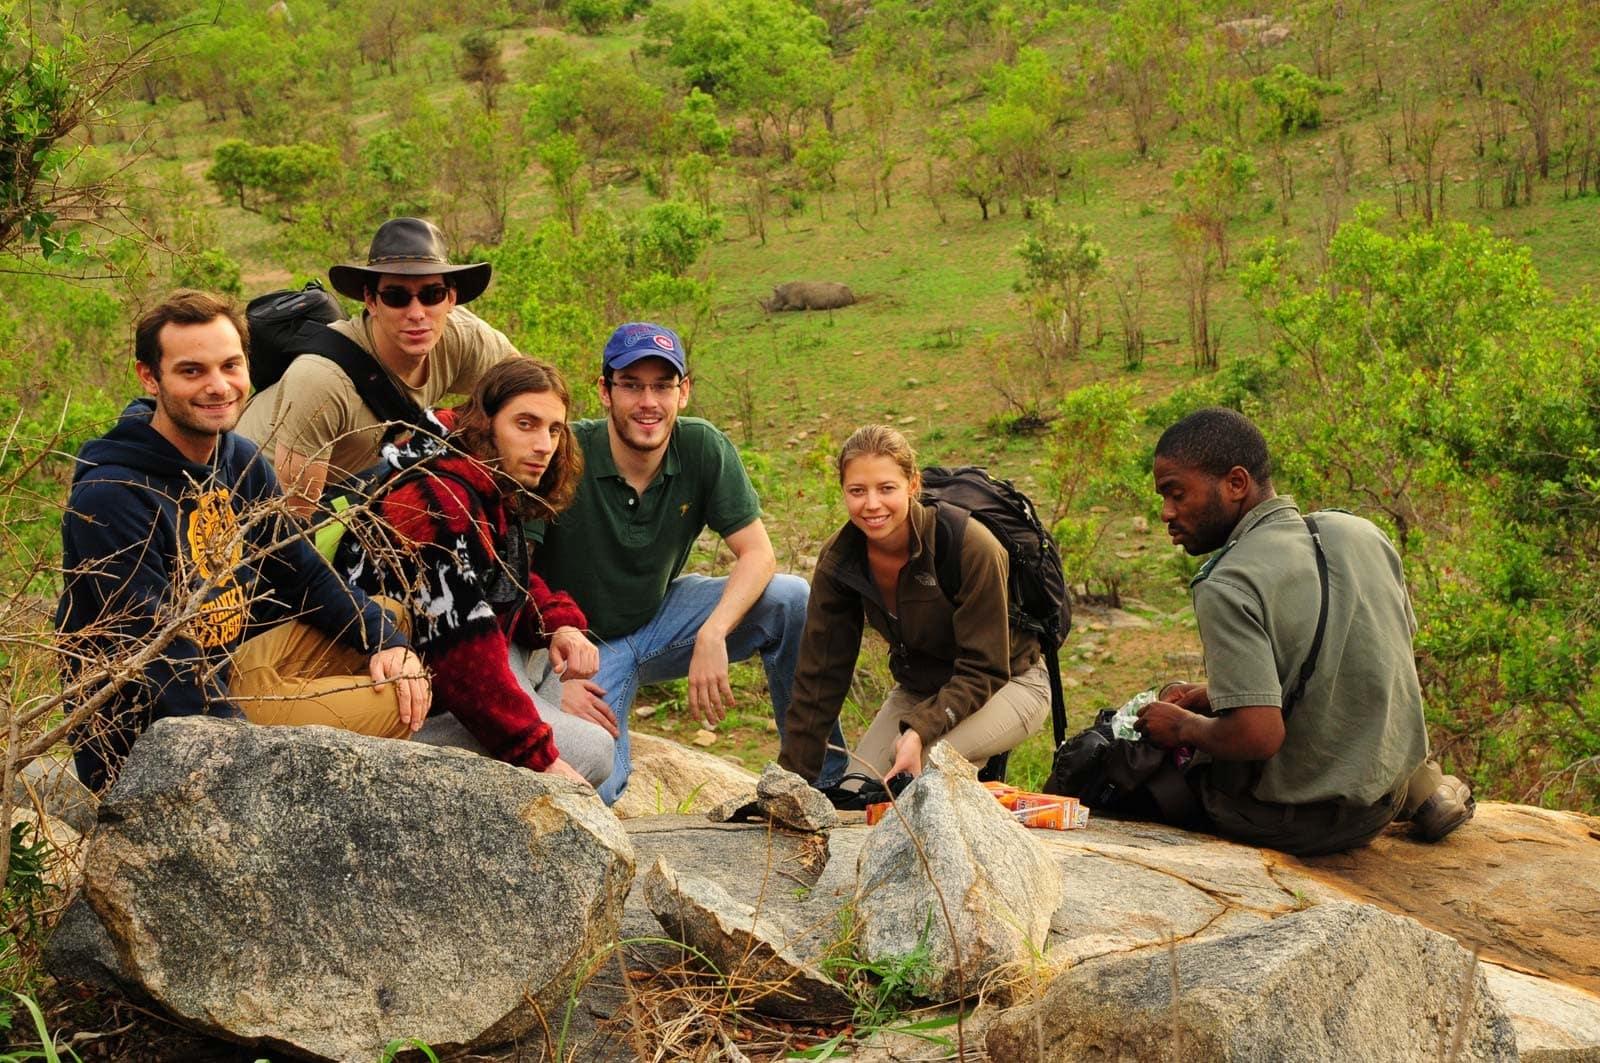 Petit déjeuner avec vue sur les rhinos au Kruger Park, Afrique du Sud